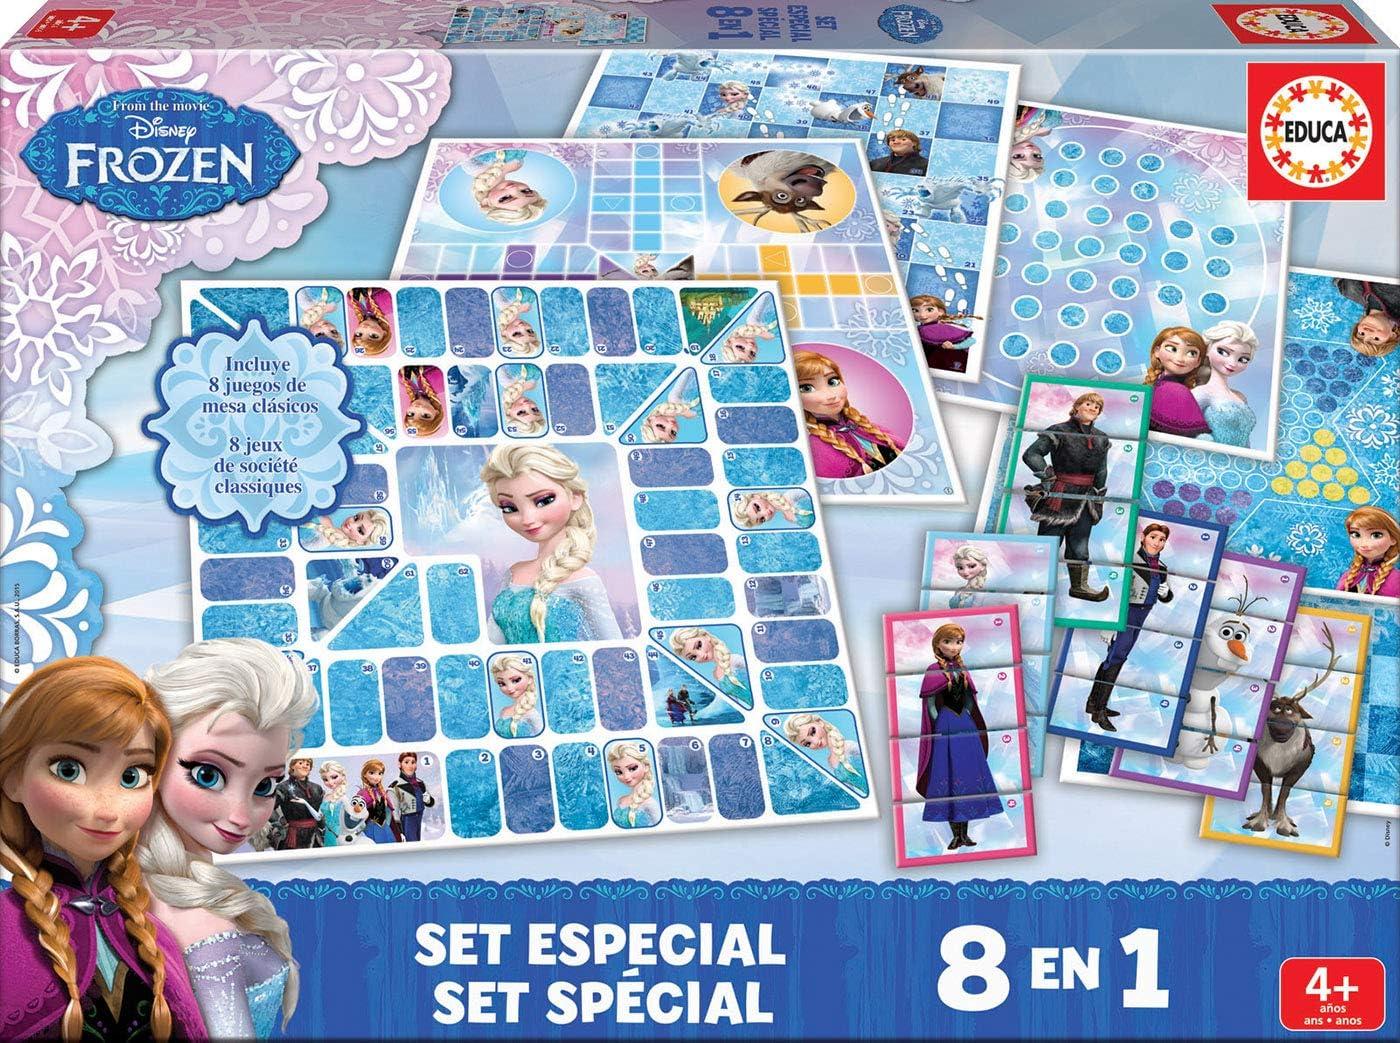 Educa Borrás Frozen - Set Especial 8 en 1, Juego de Mesa 16386: Amazon.es: Juguetes y juegos